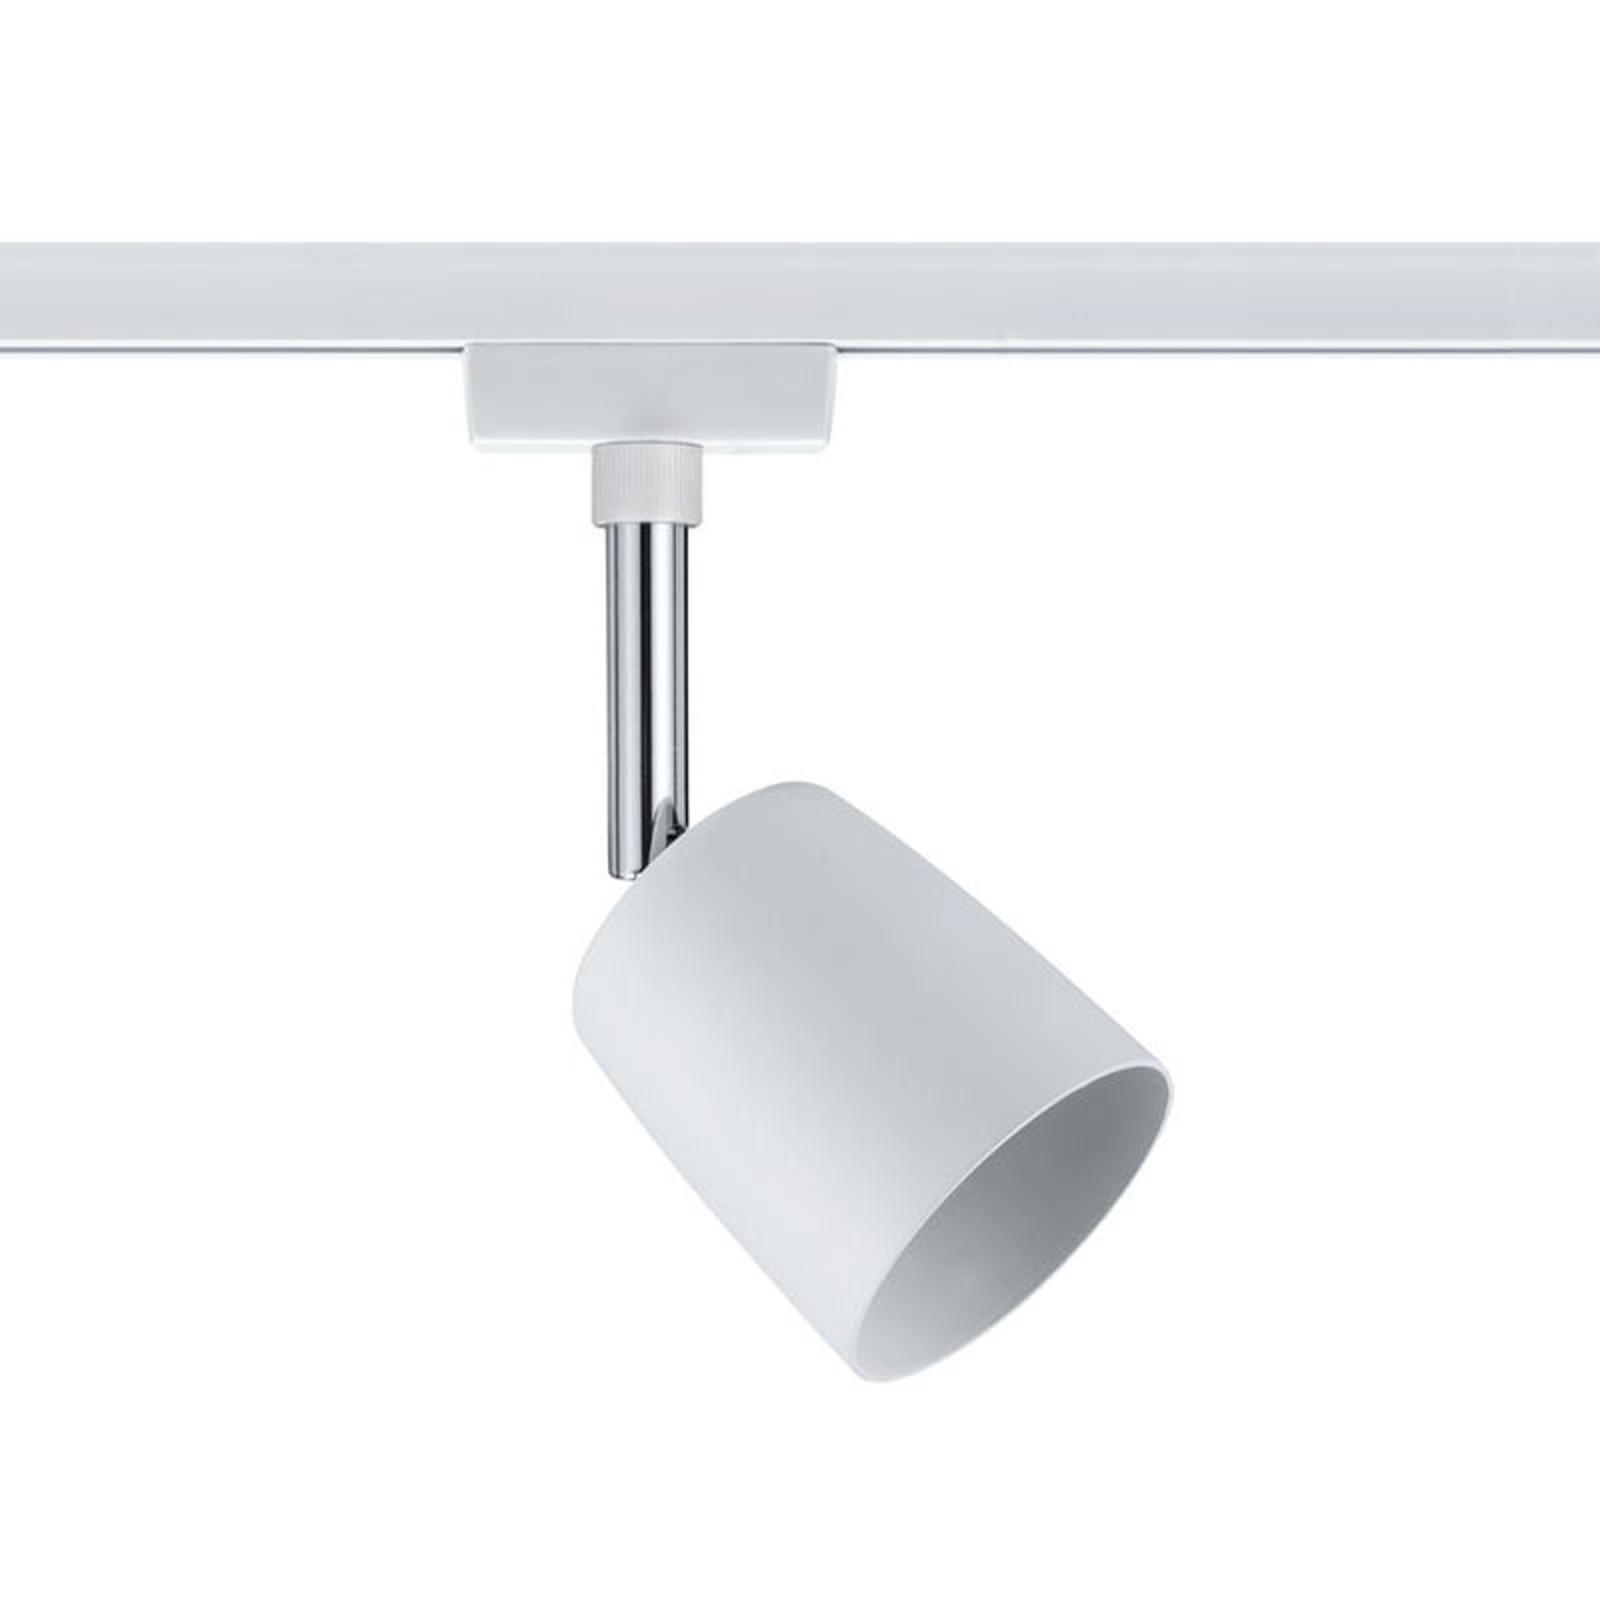 Paulmann URail spot Cover, blanc, GU10